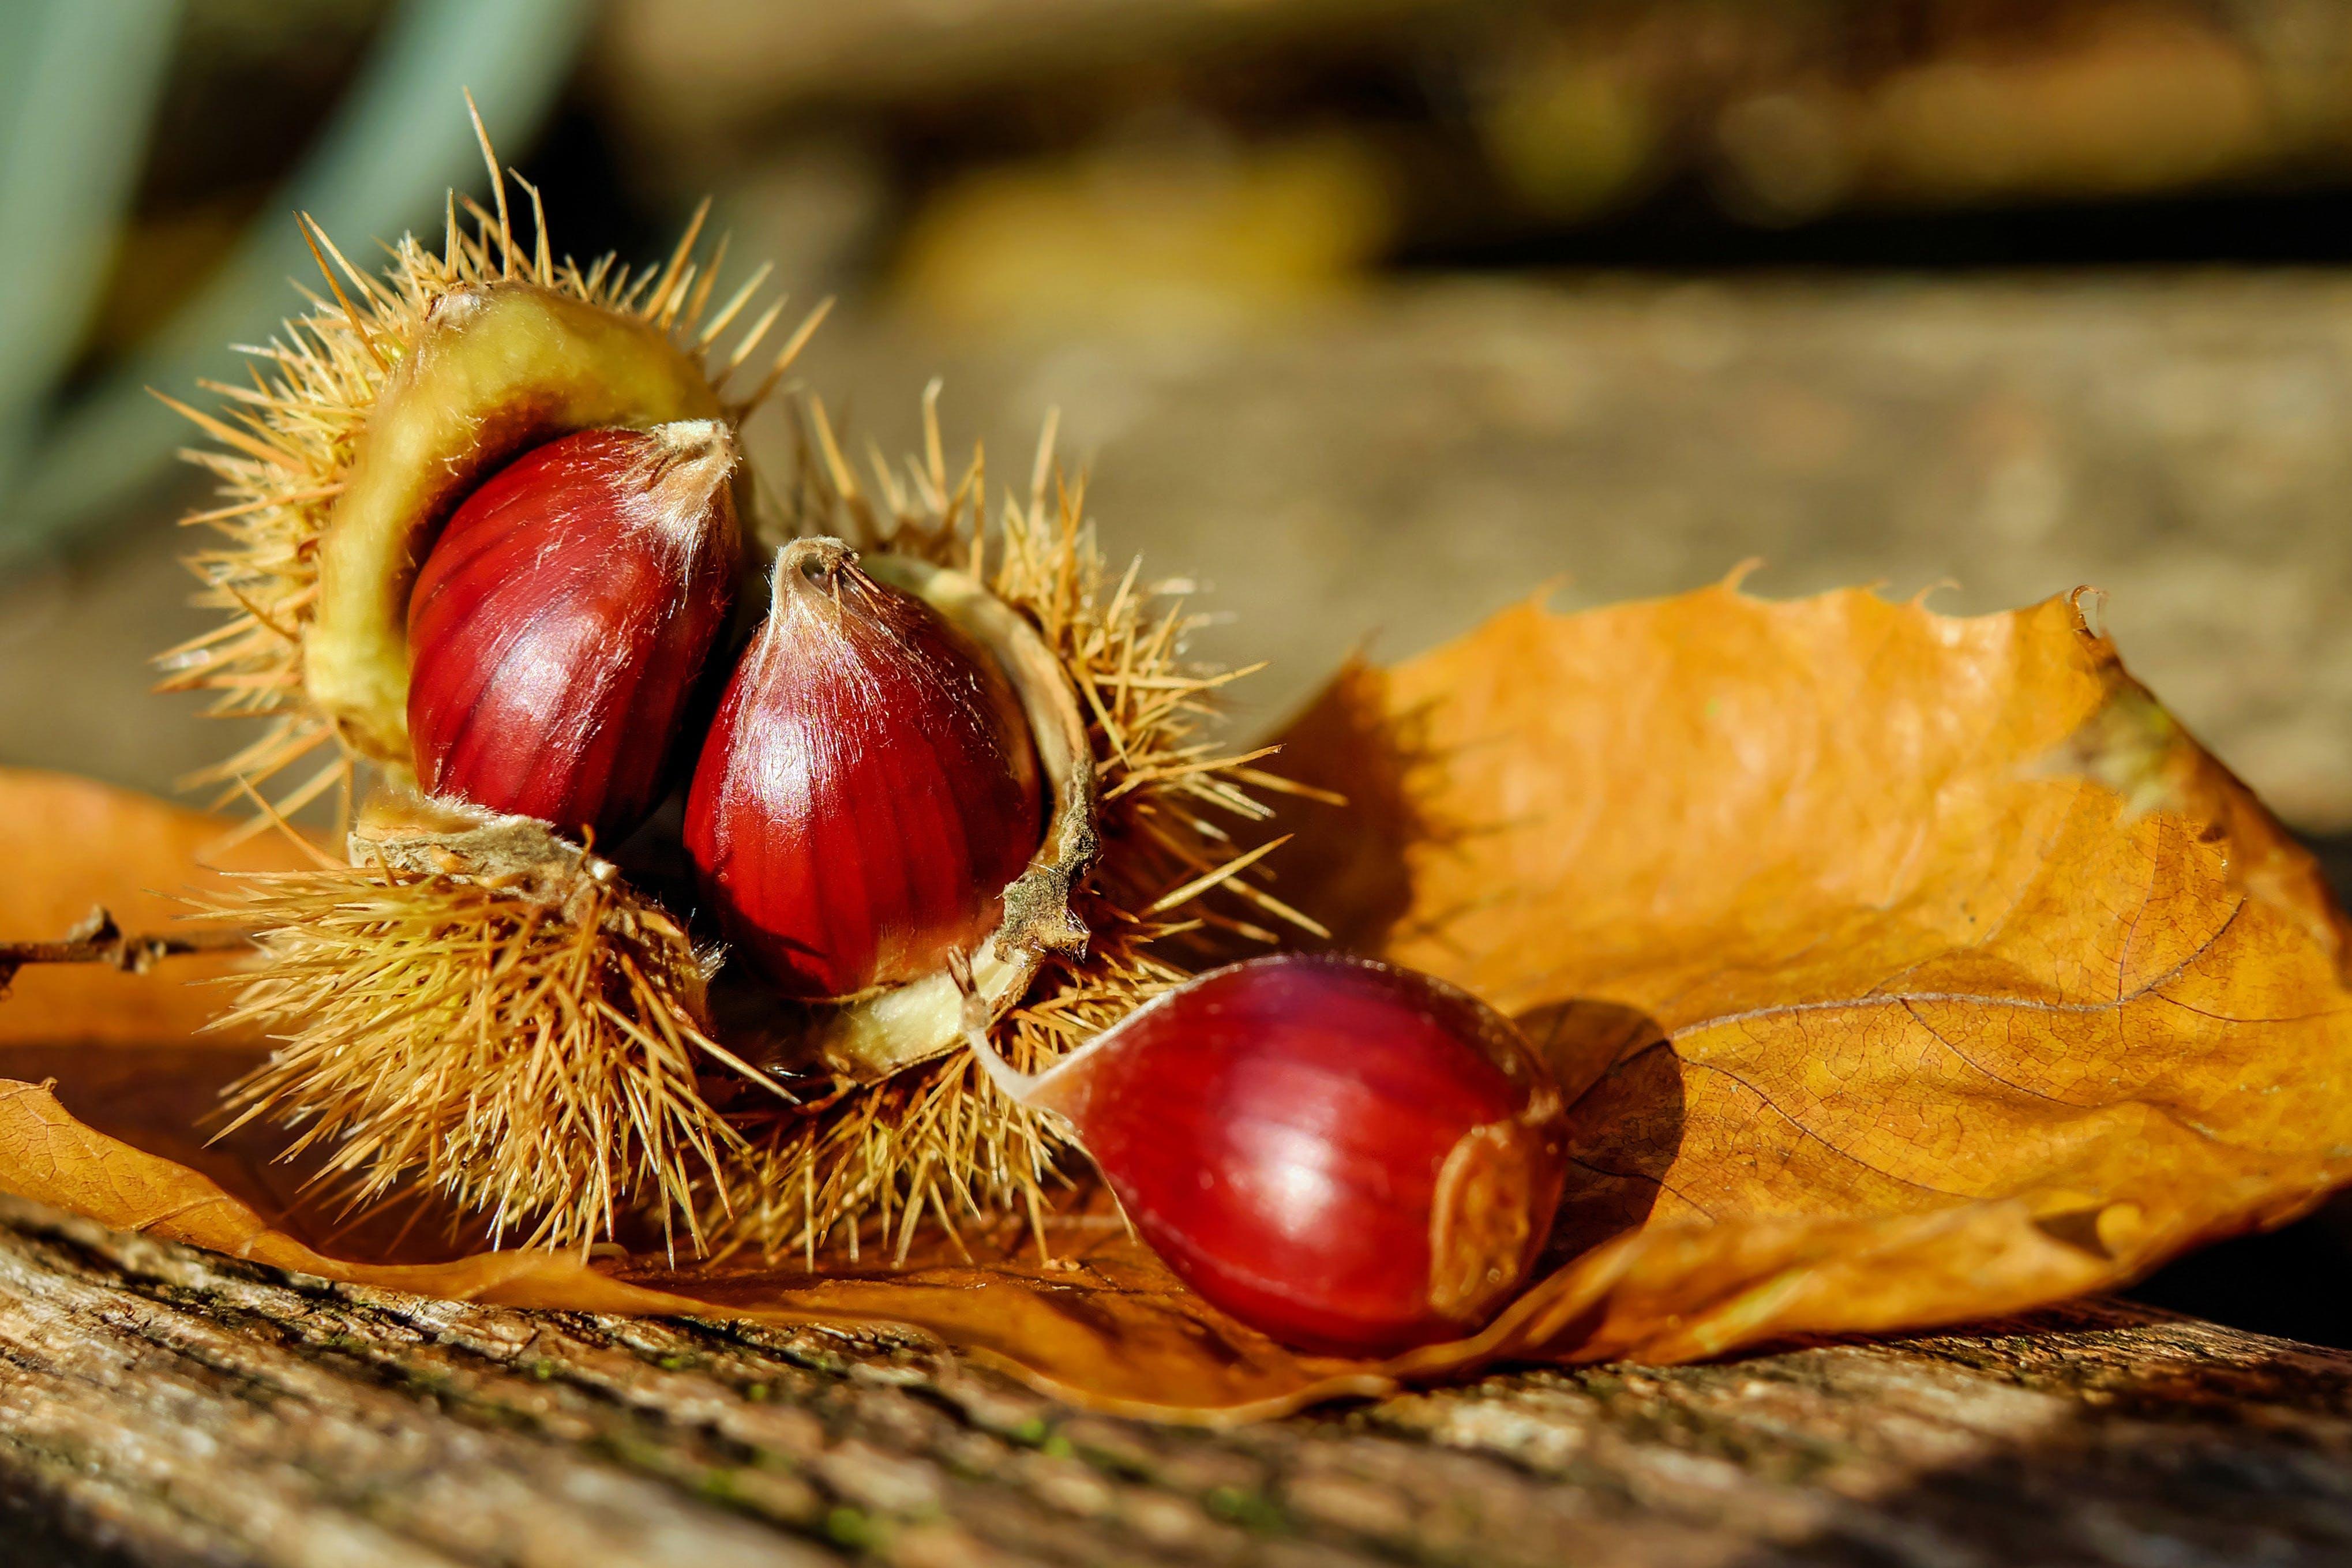 Gratis lagerfoto af close-up, farve, frugter, frø